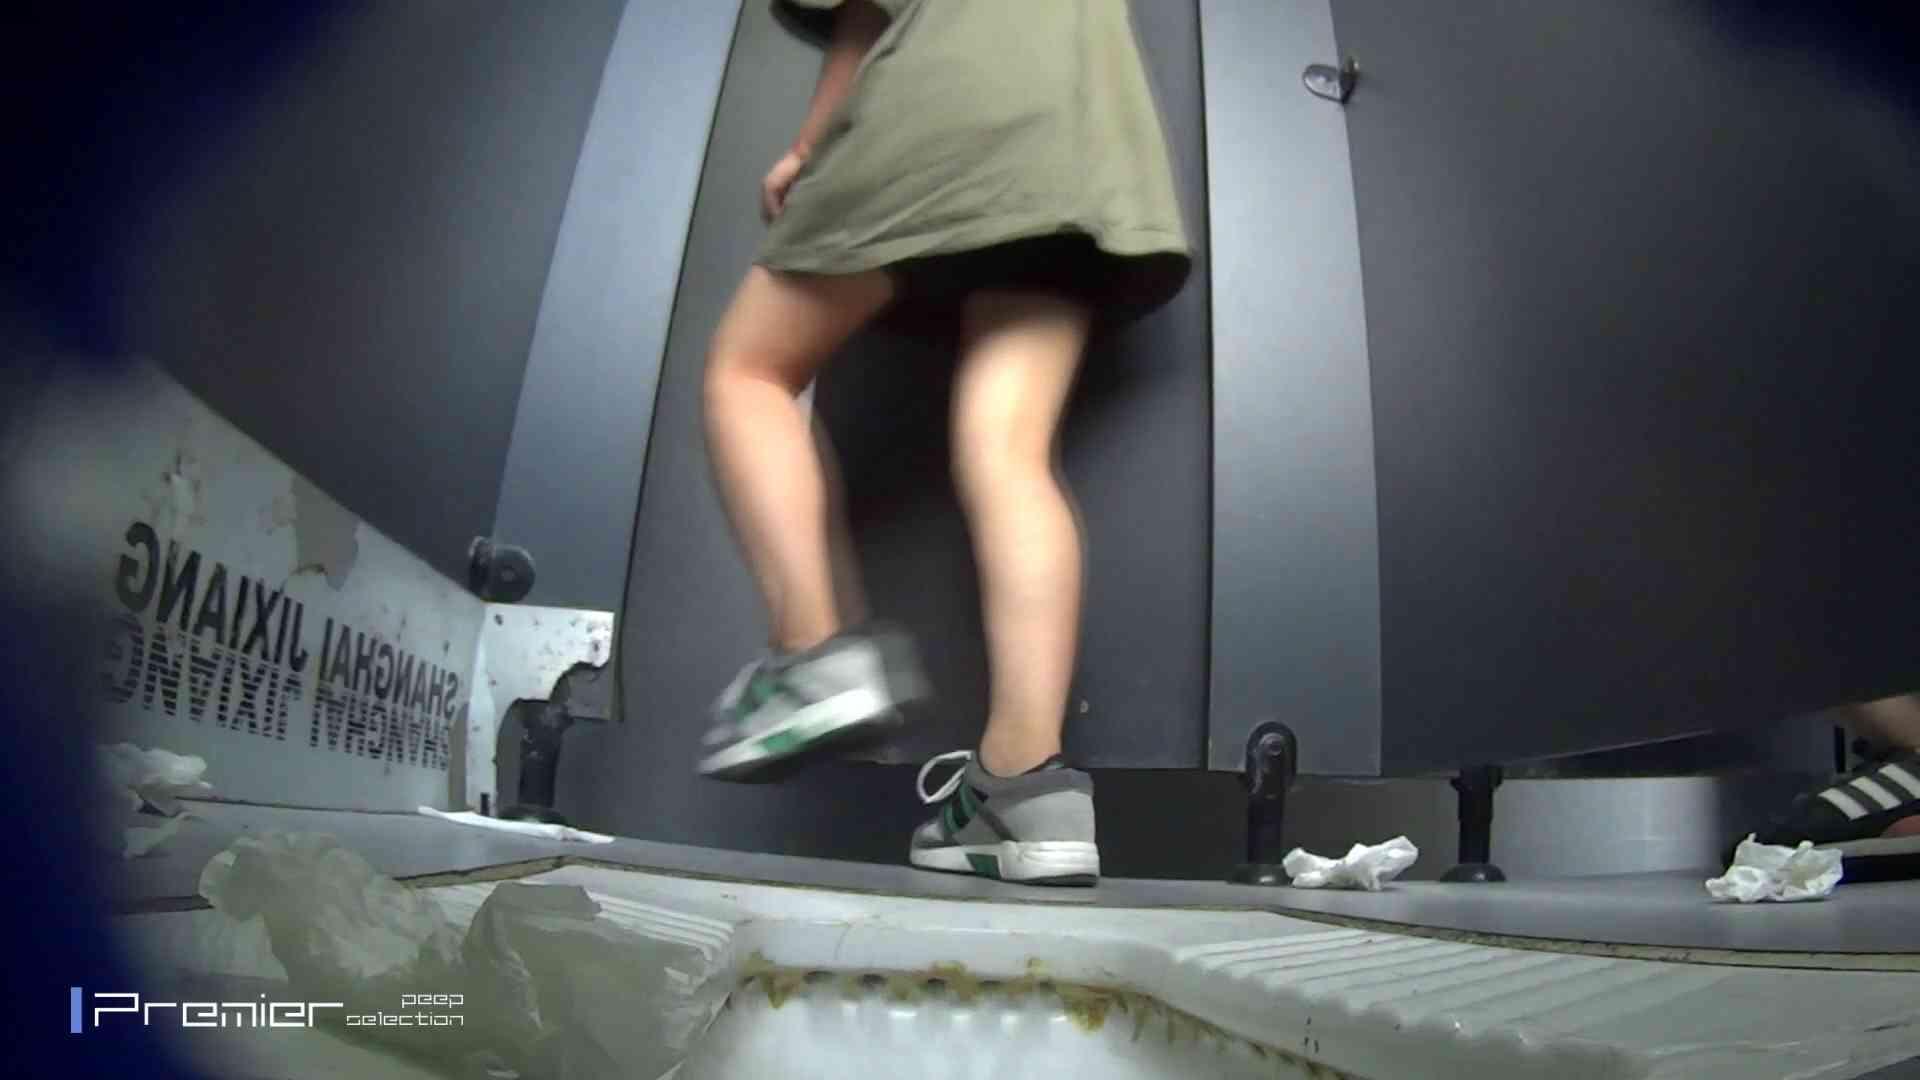 スキニージーンズの美女 大学休憩時間の洗面所事情56 洗面所シーン 濡れ場動画紹介 17画像 6